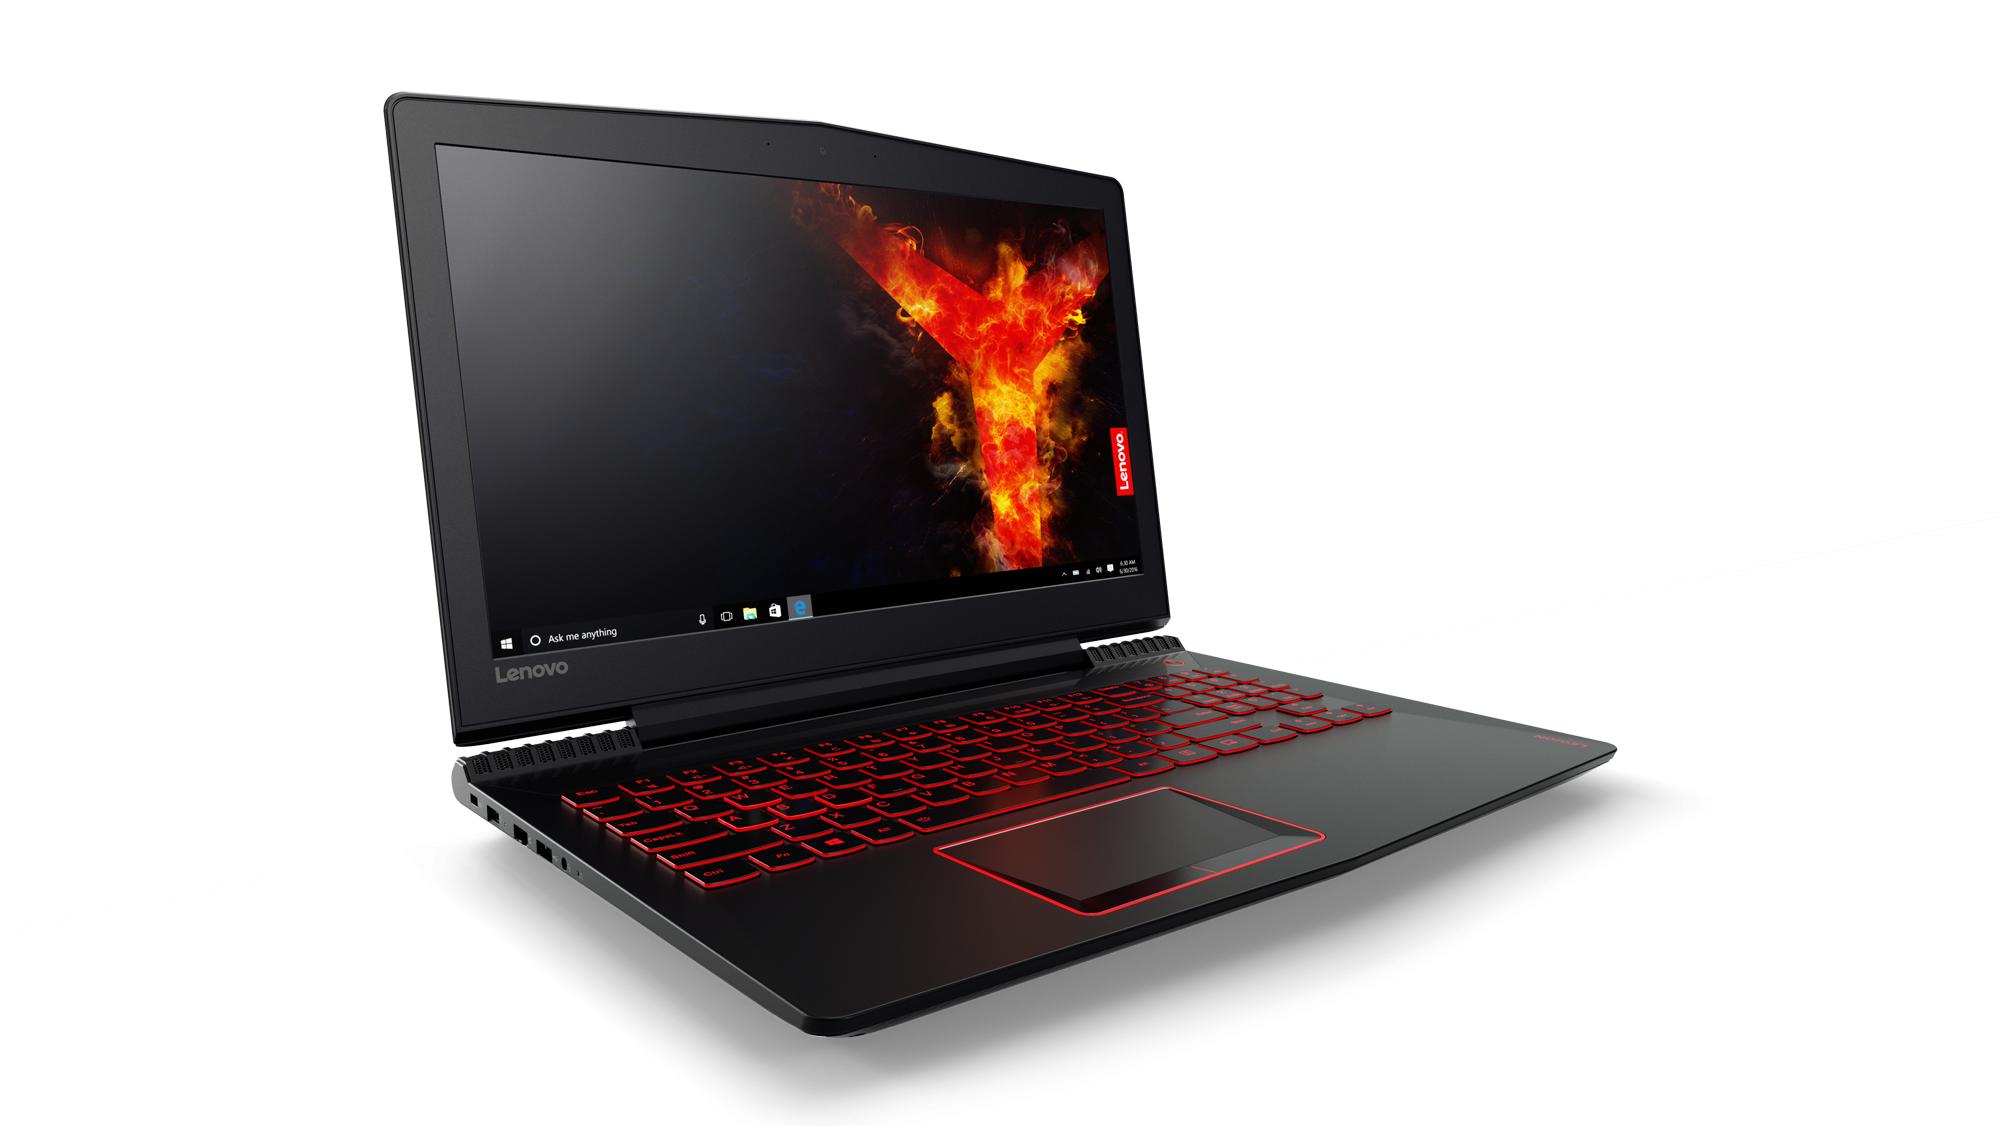 """Lenovo Legion Y520 i5-7300HQ 3,50GHz/8GB/SSD 256GB/15,6"""" FHD/IPS/AG/Radeon 4GB/WIN10 80WY0001CK"""